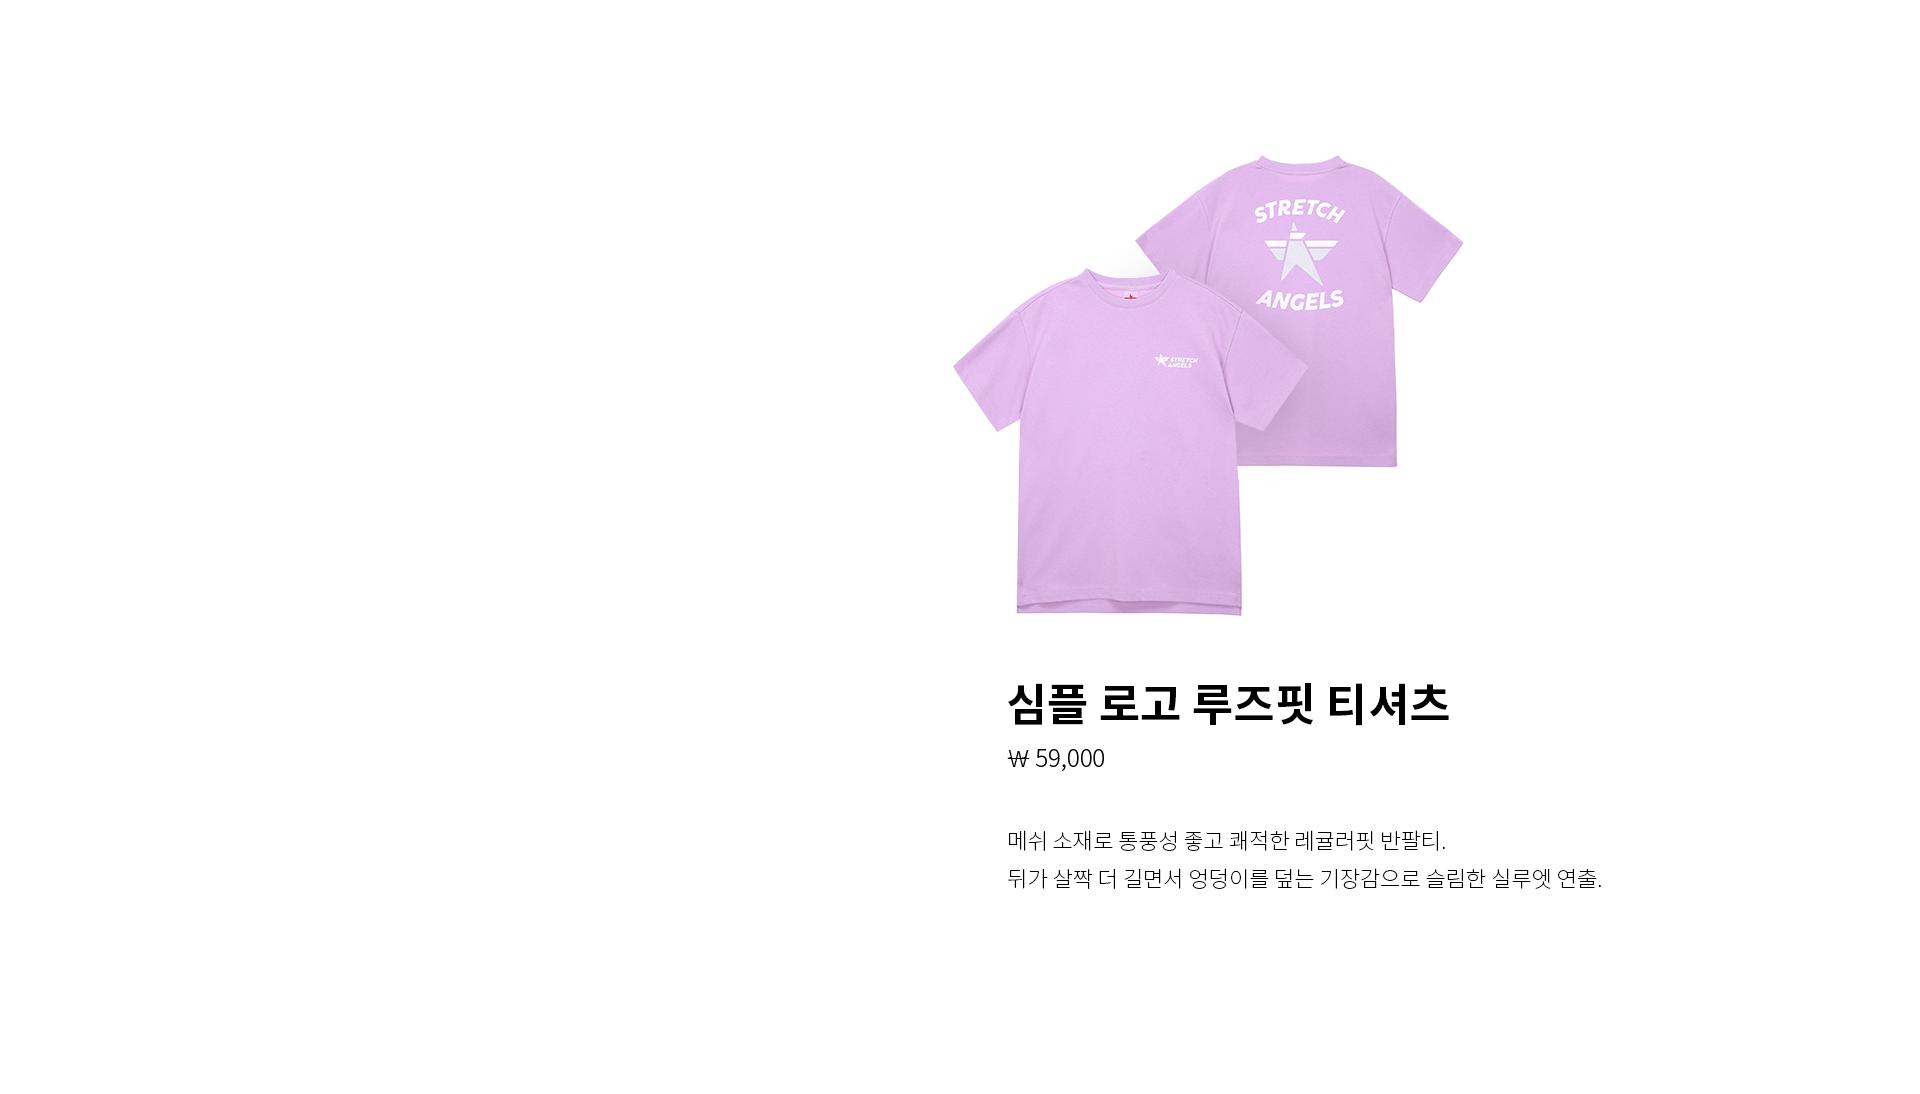 심플 로고 루즈핏 티셔츠 ₩59,000 메쉬 소재로 통풍성 좋고 쾌적한 레귤러핏 반팔티. 뒤가 살짝 더 길면서 엉덩이를 덮는 기장감으로 슬림한 실루엣 연출.